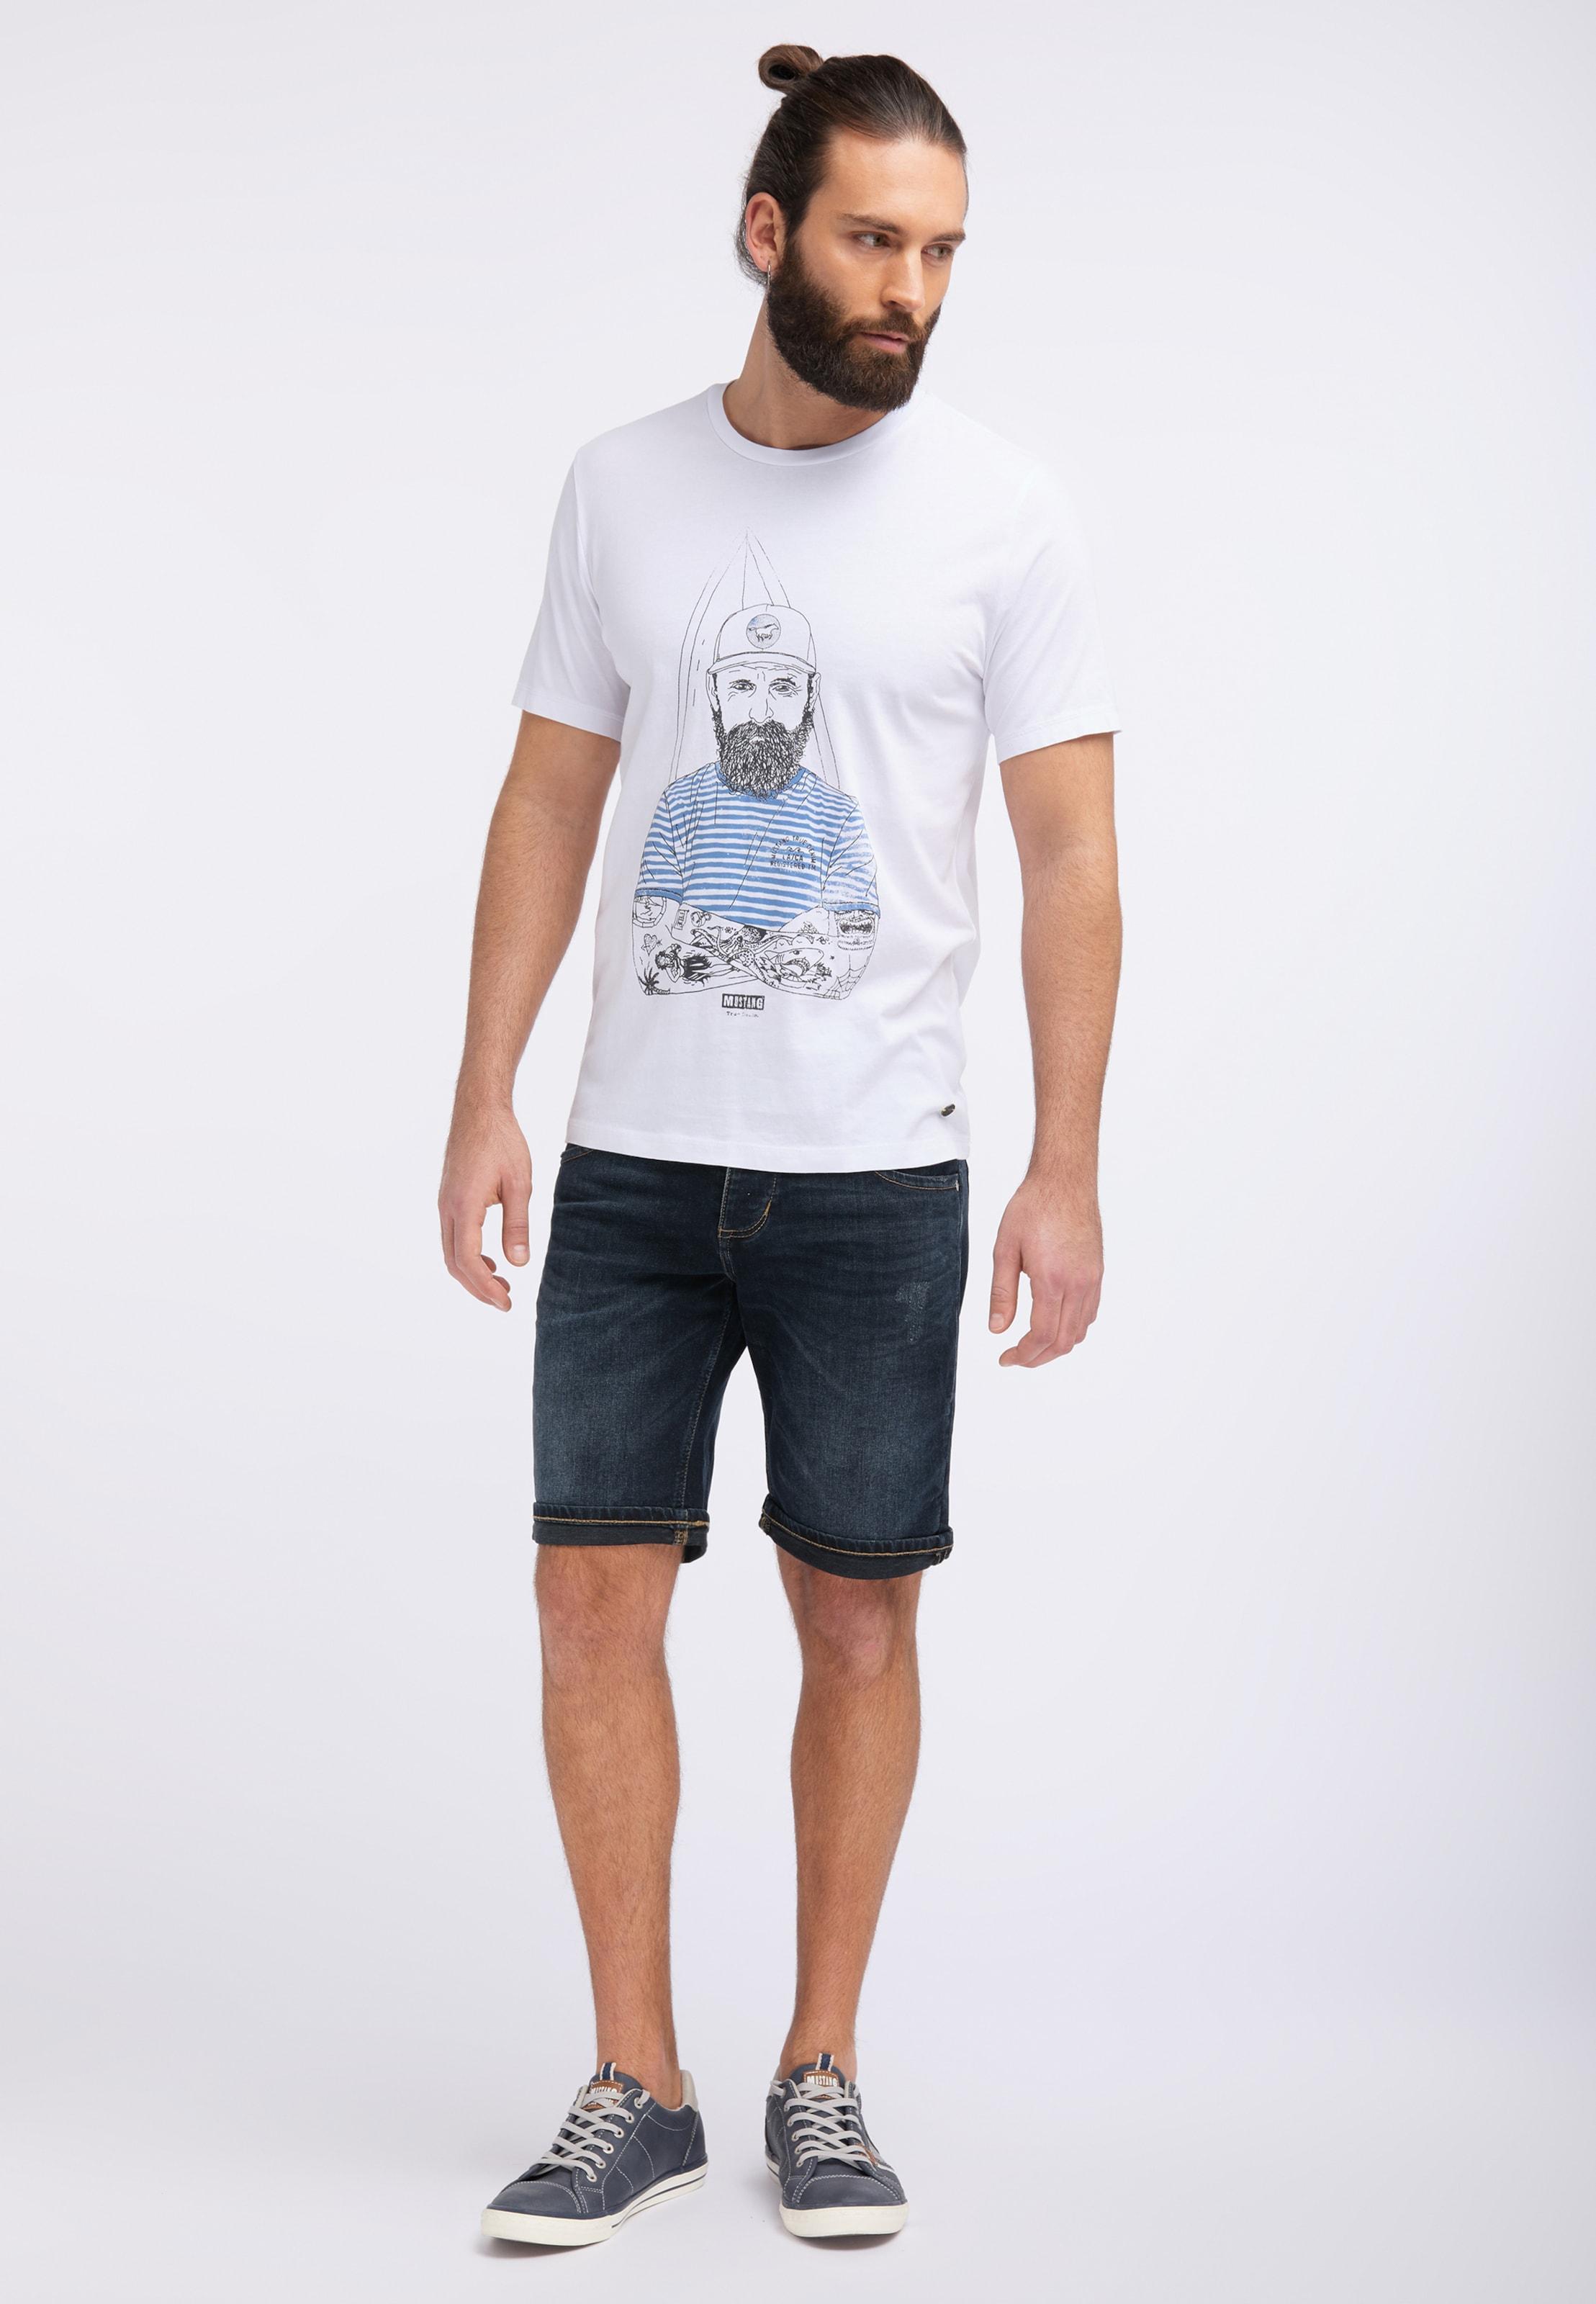 shirt HimmelblauSchwarz In T Weiß Tee' 'illustration Mustang nk0OP8w